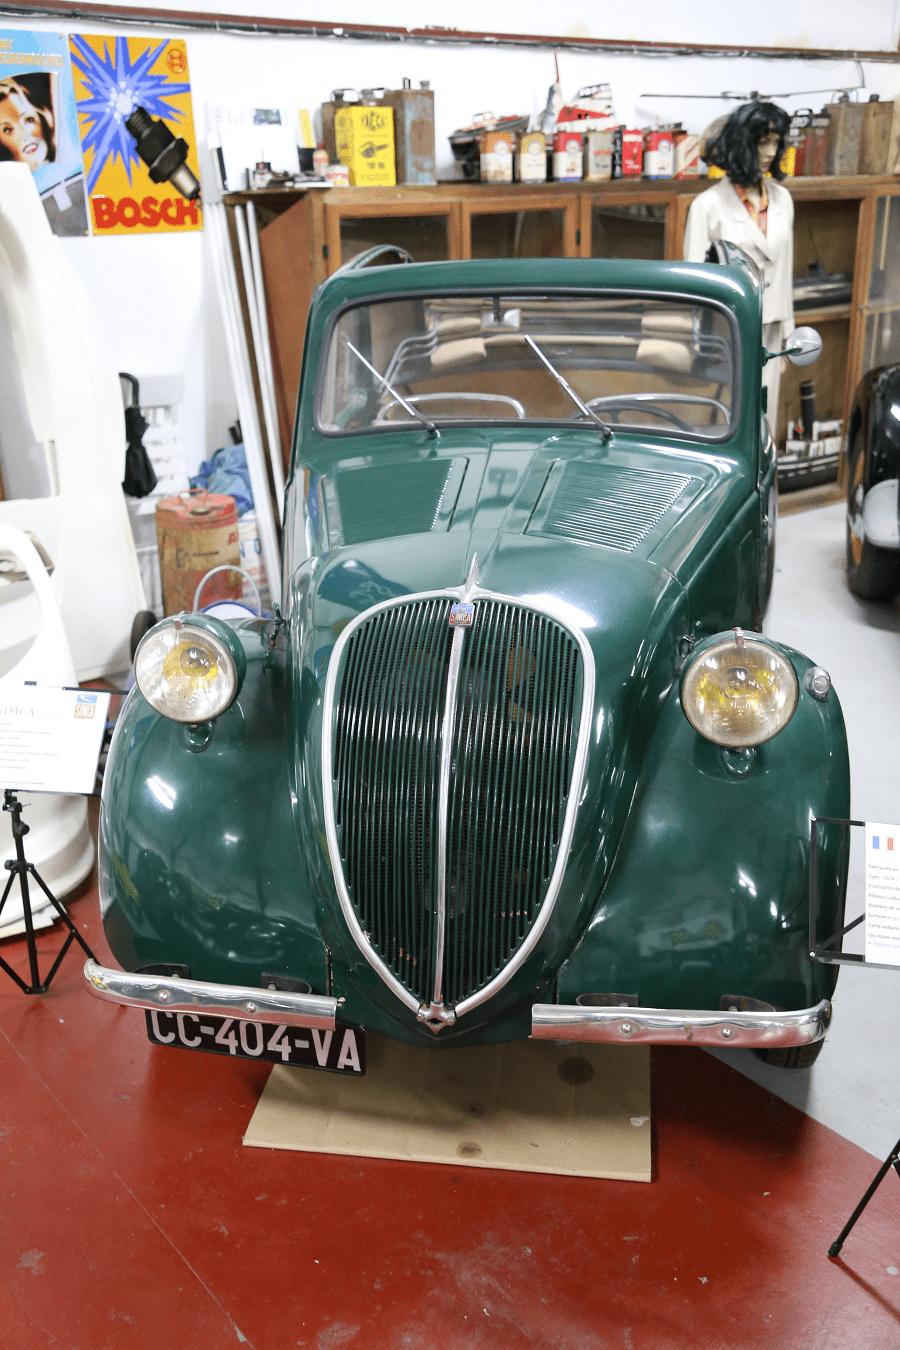 Зеленая Simca 5 с четырьмя цилиндрами, 569 куб.см